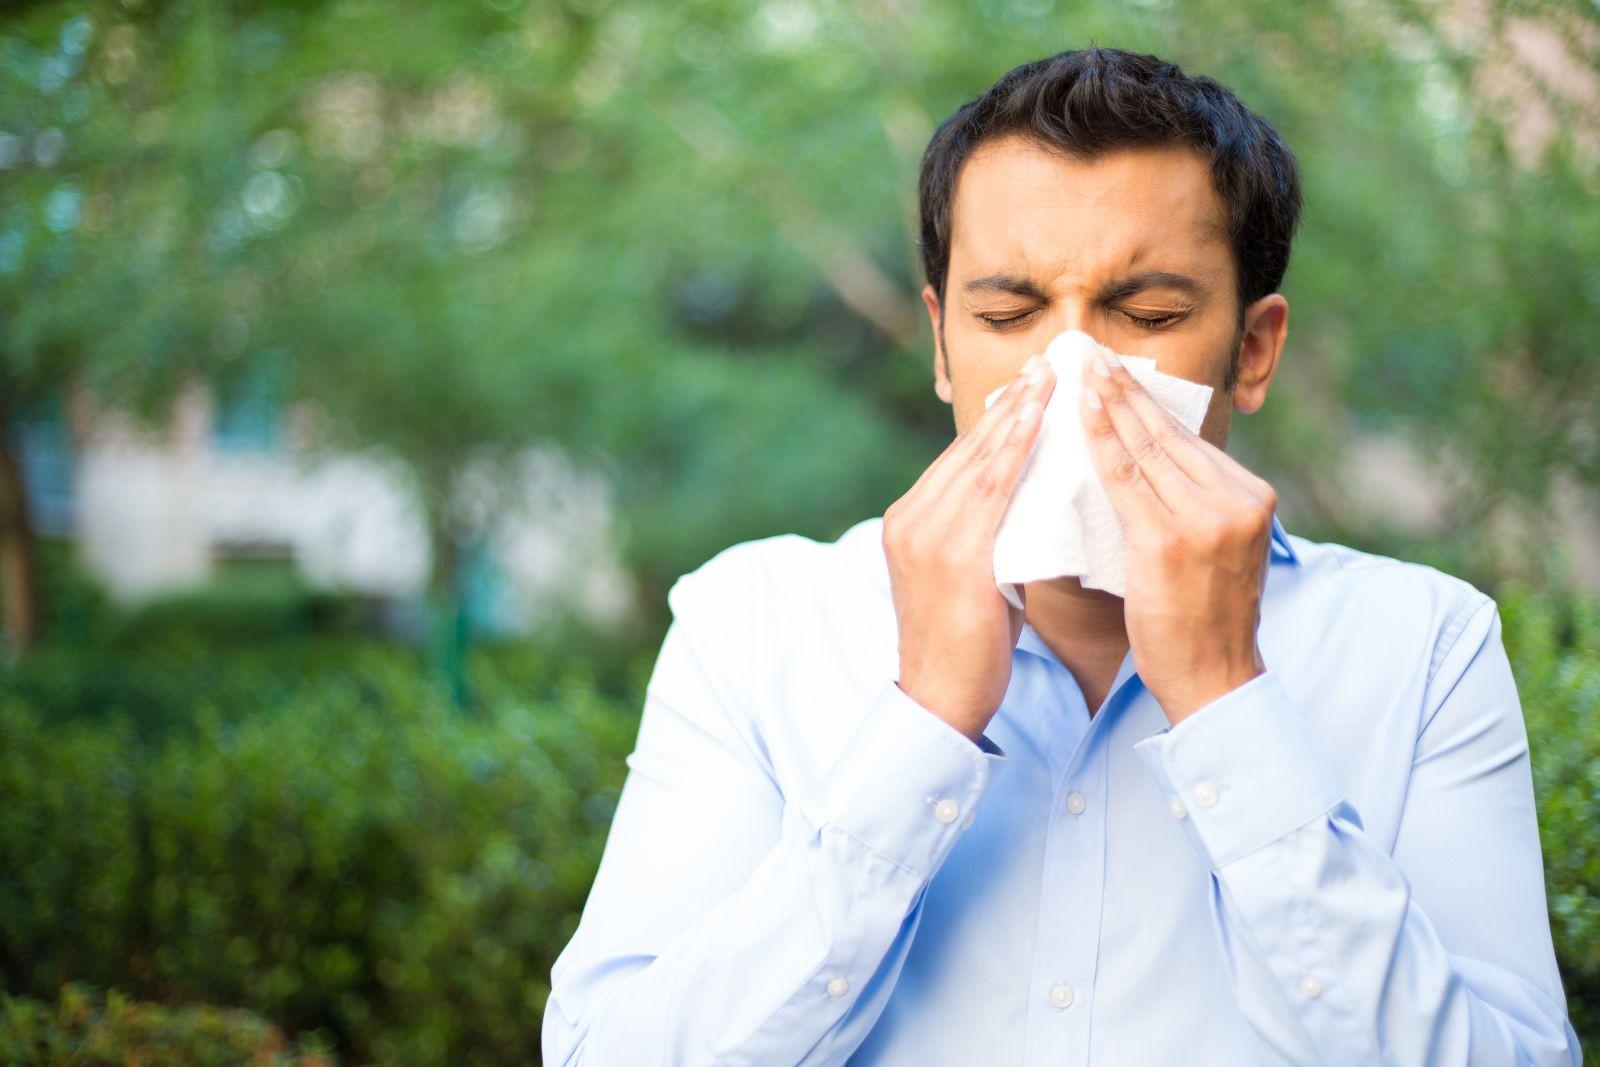 hb-allergies-0516207266042225